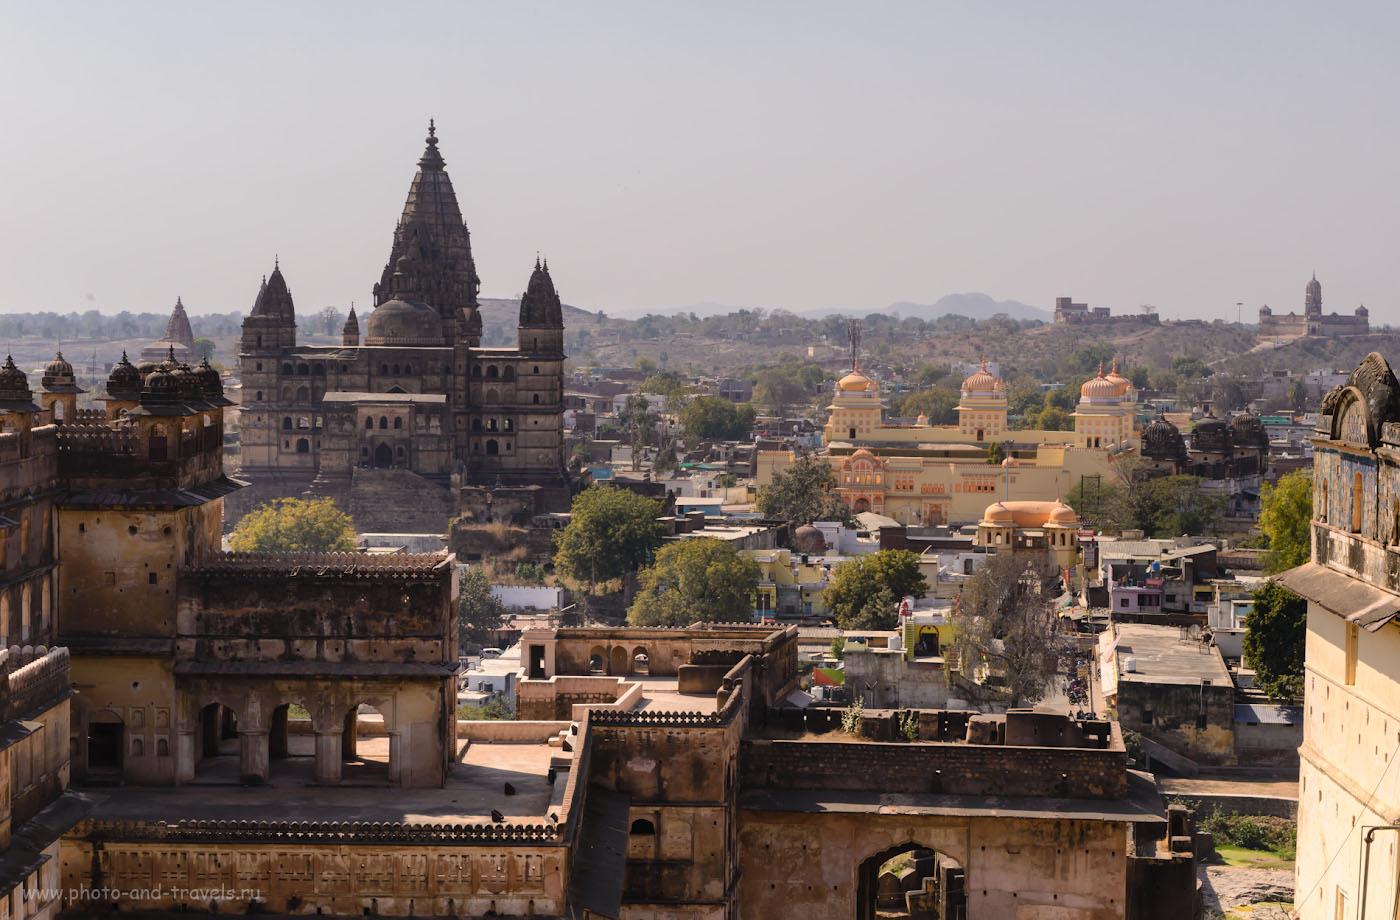 Фото 14. Даже жалко, что храм Рам Раджа Мандир отштукатурен - весь шарм средневекового города Орчха уничтожили.